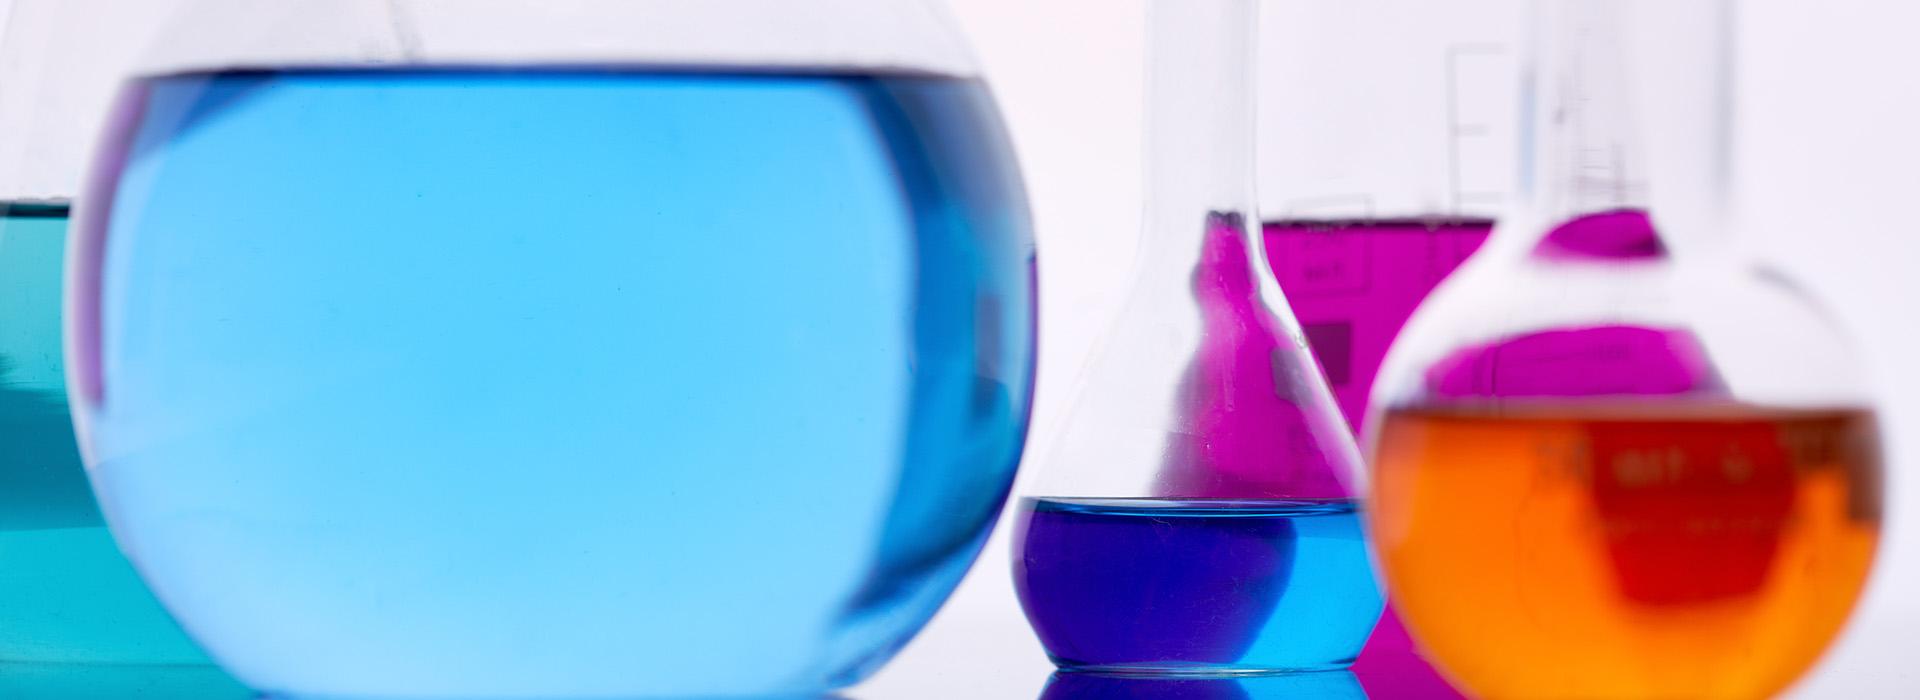 Scopri i le pavimentazioni Resinpox per industrie farmaceutiche